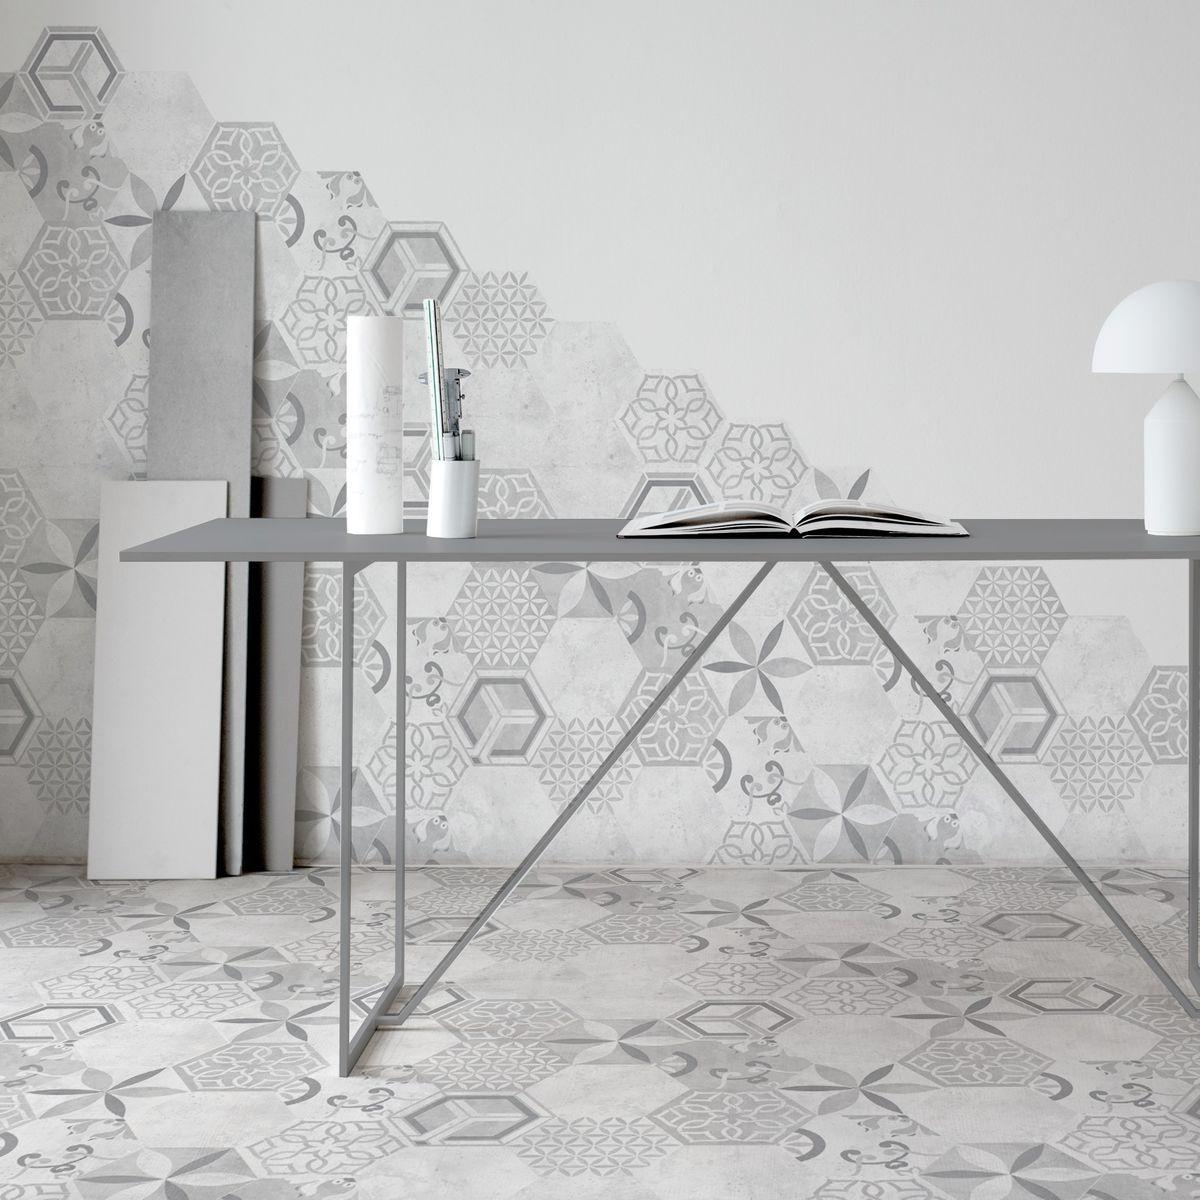 Girona White Mixed Decor Girona White Mixed Decor In 2020 Contemporary Interior Design White Hexagon Tiles Girona